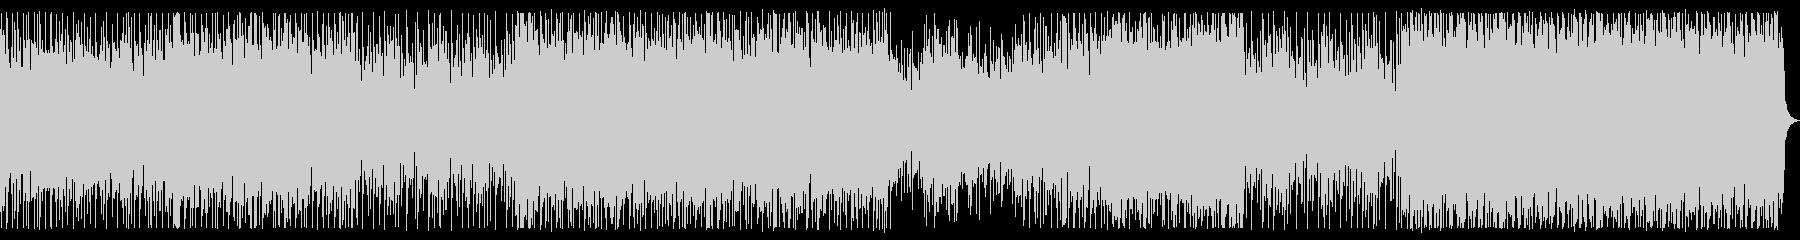 ギター/インディーロック_No454_1の未再生の波形